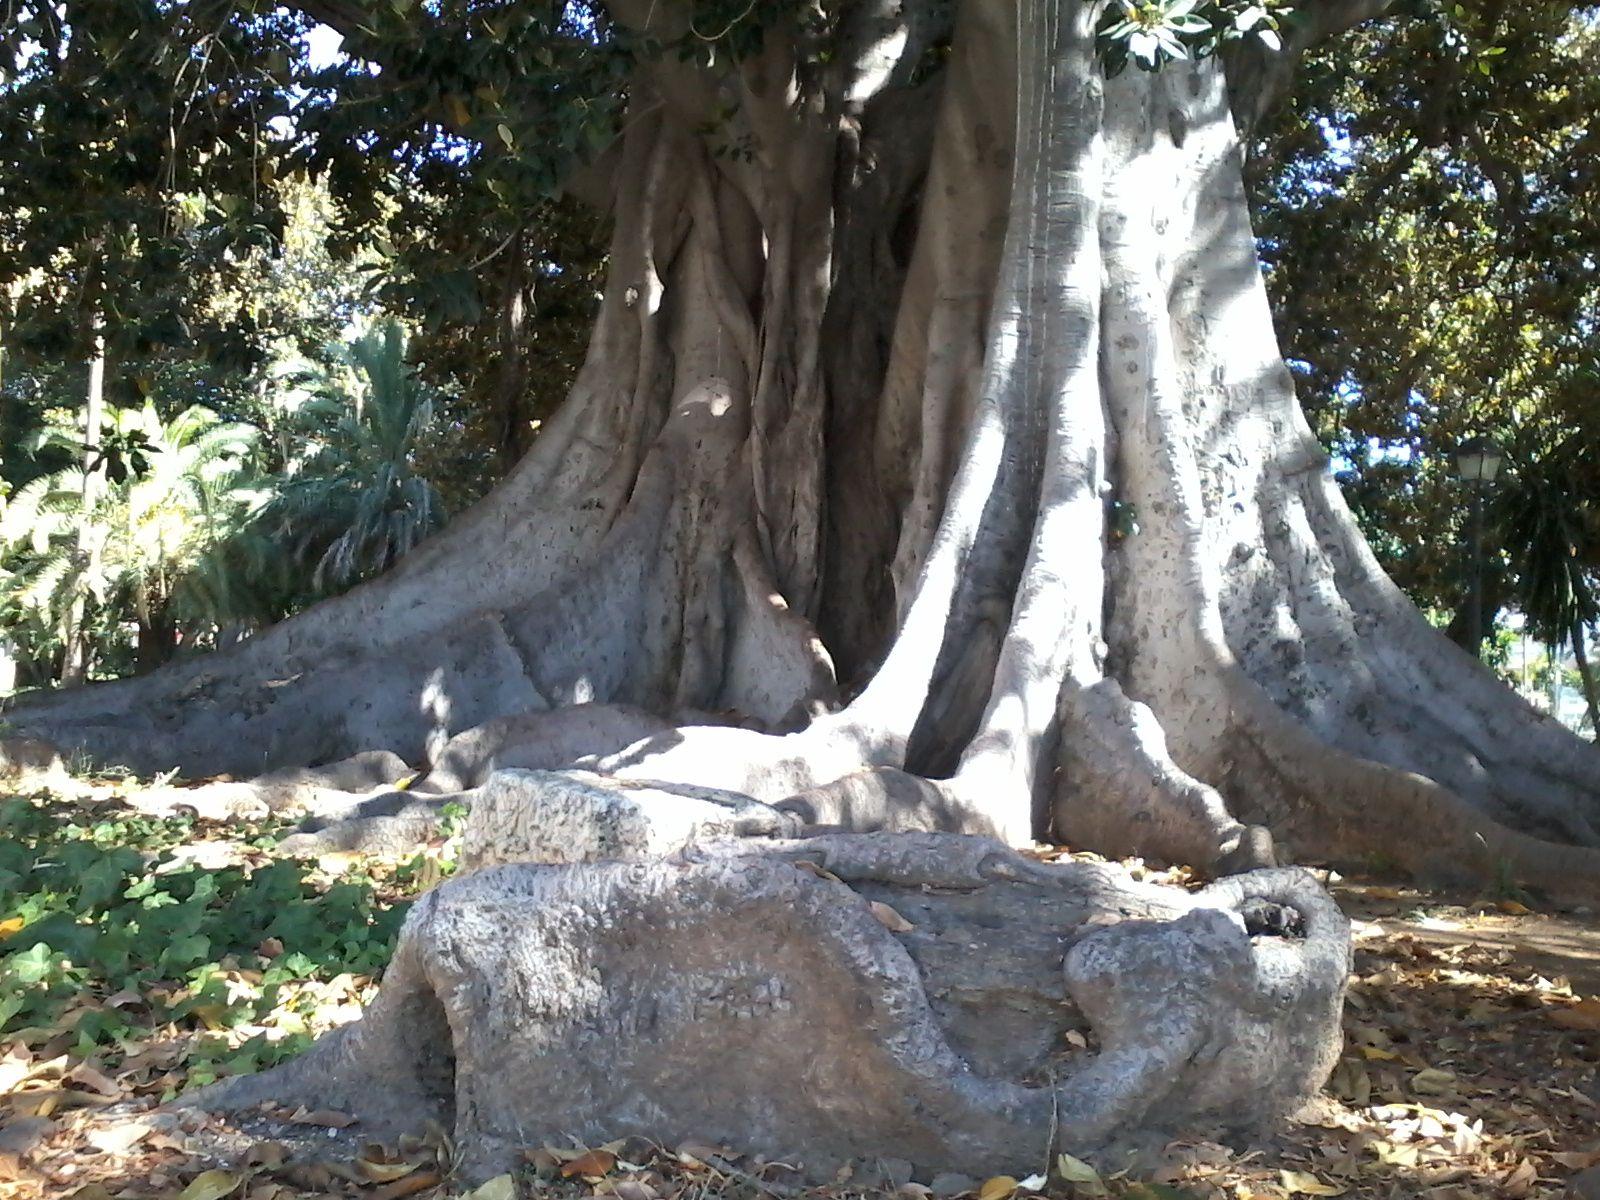 un ficus en los jardines de Picasso, Málaga